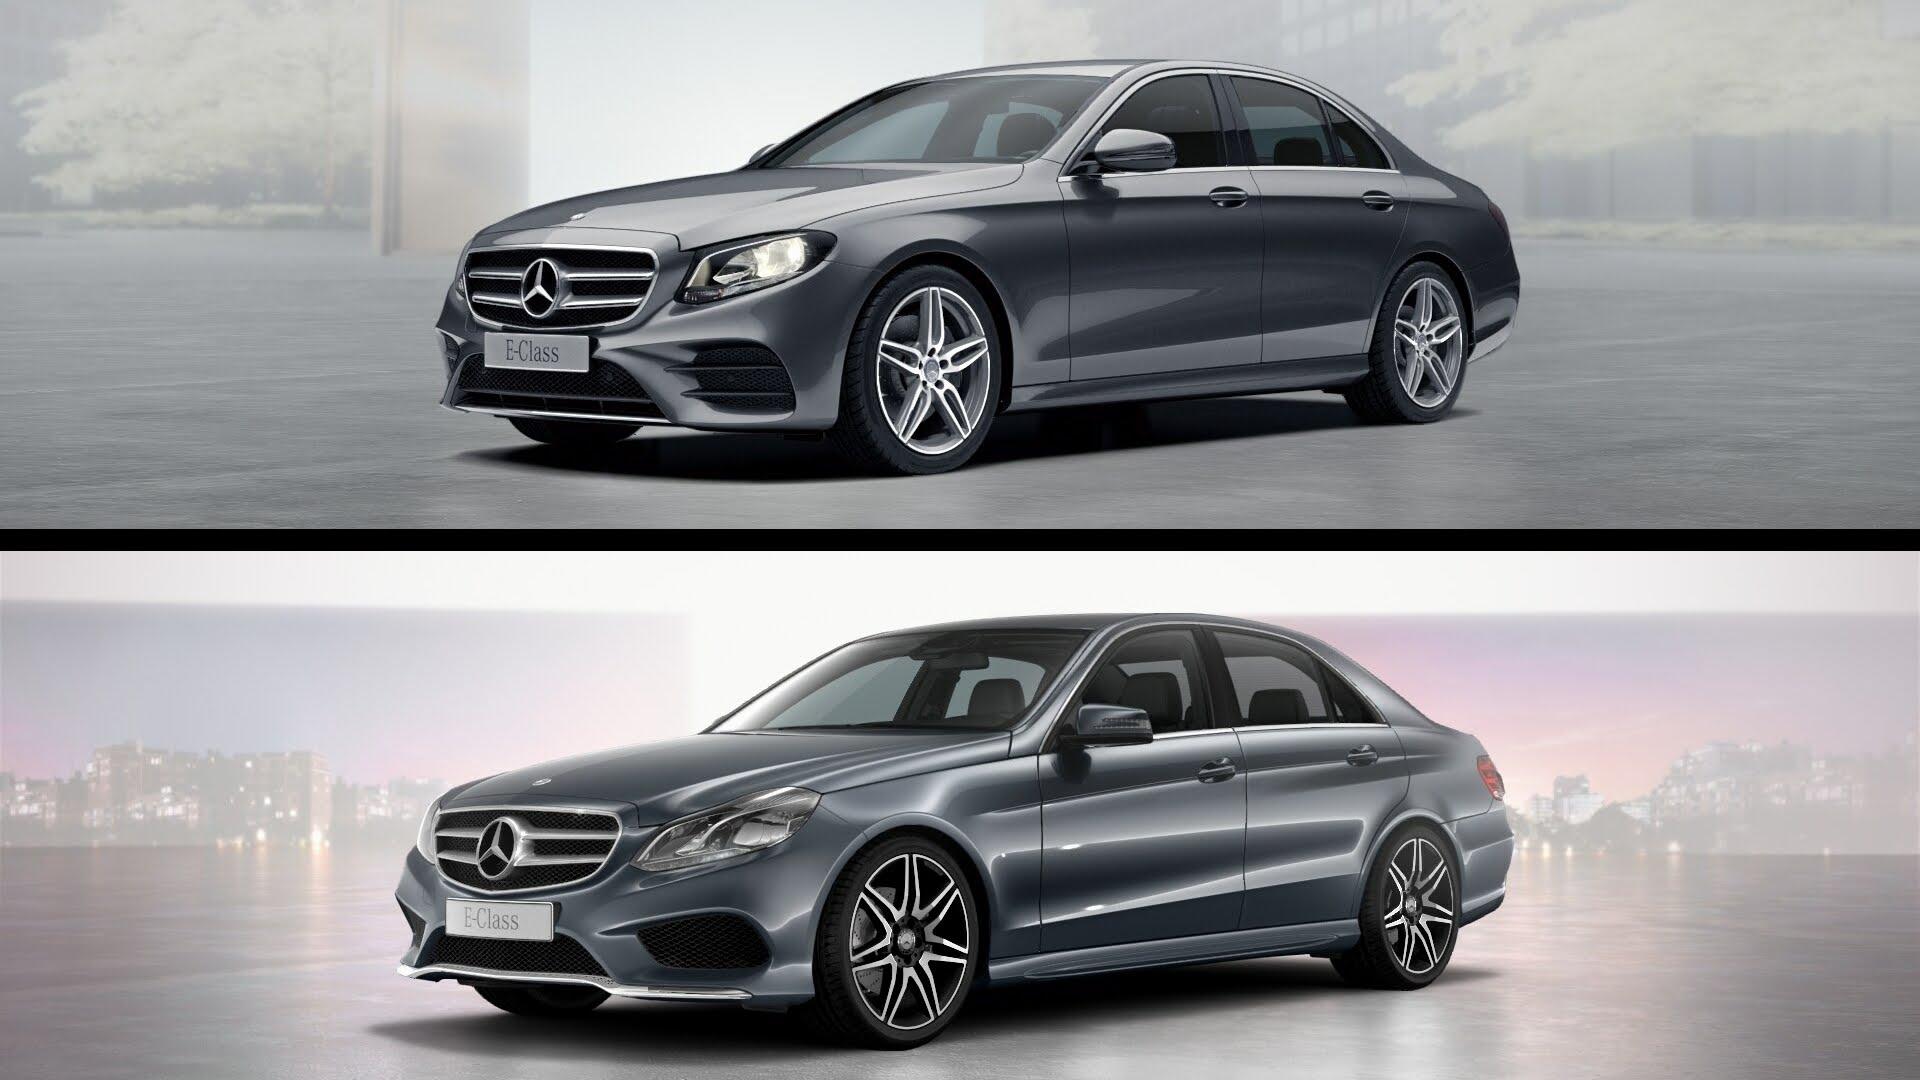 Mercedes-Benz E-klasse V (W213, S213, C238) 2016 - now Coupe #8